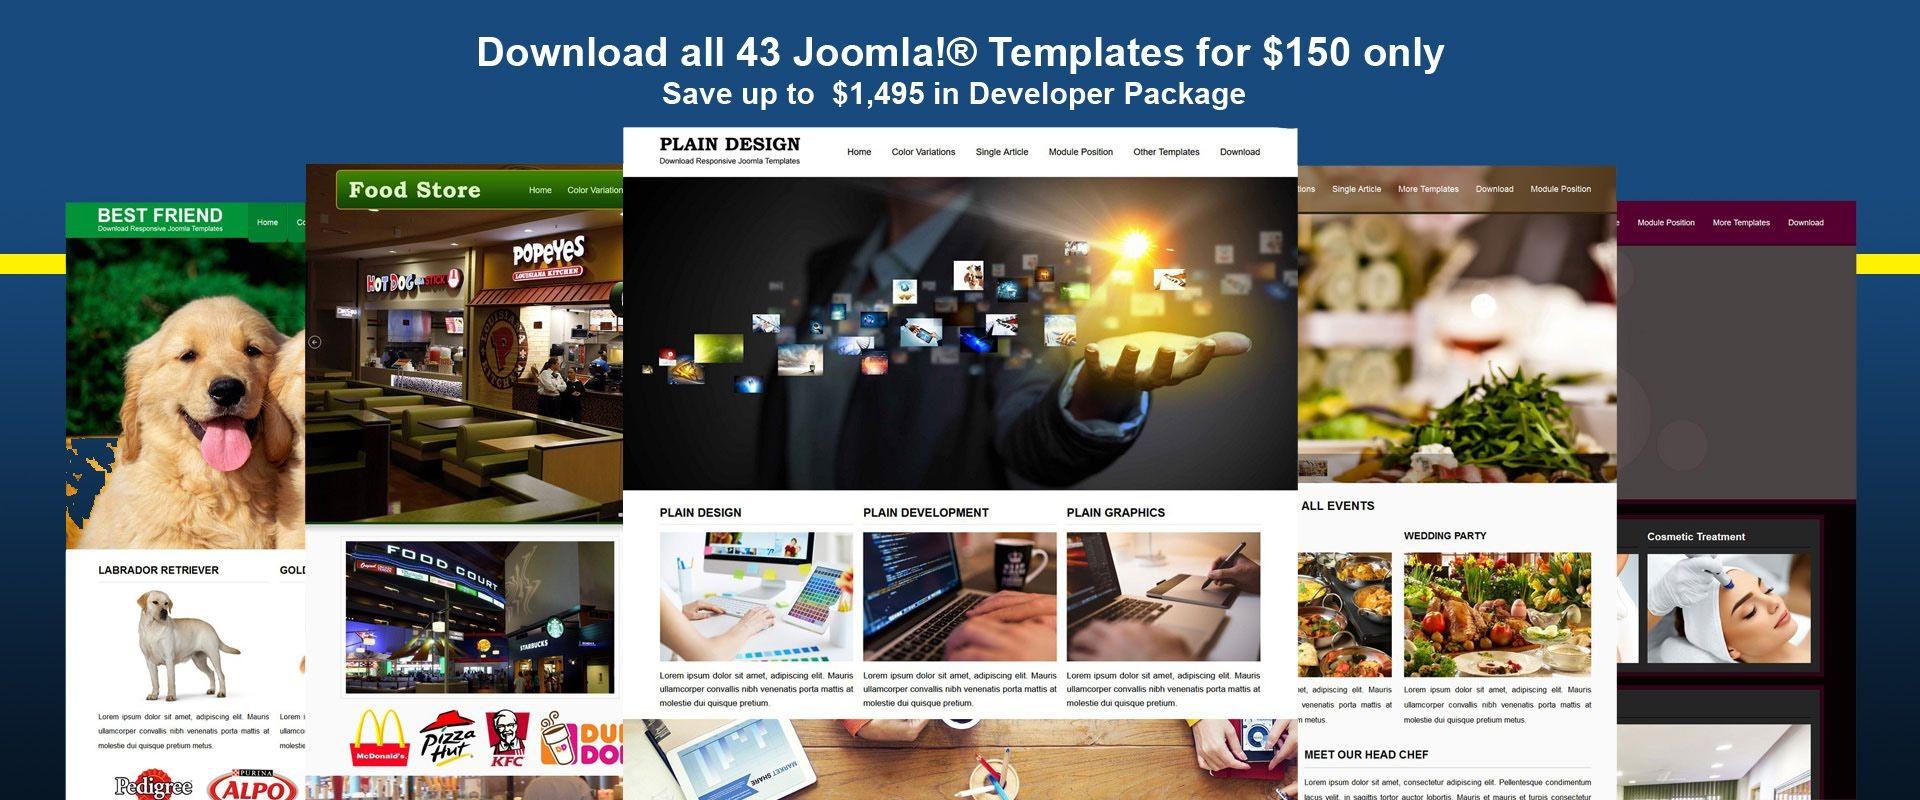 000 Best Joomla Responsive Template Free Example  3.0 Download Busines 31920